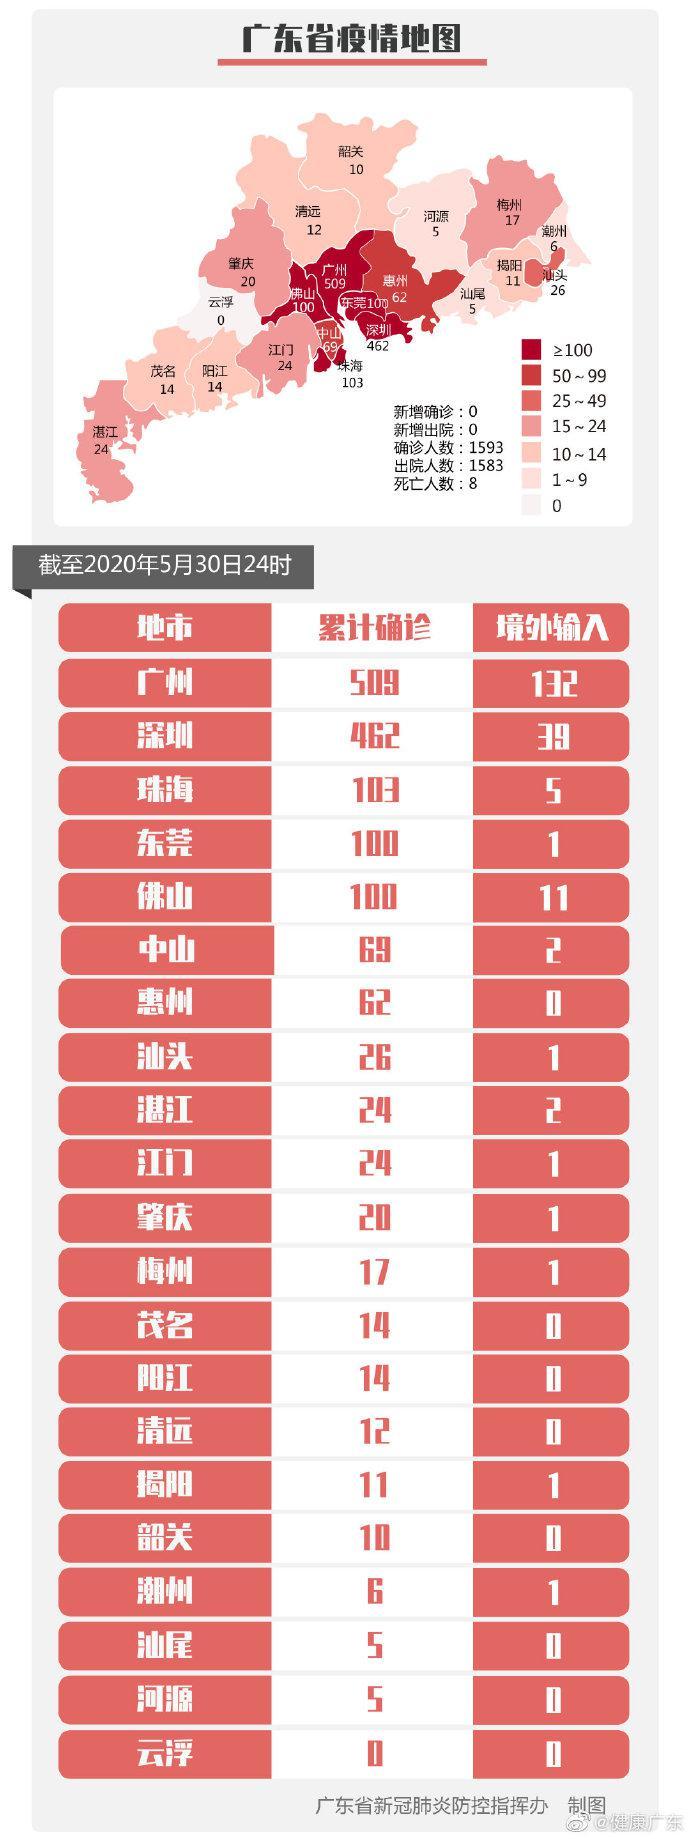 5月30日广东省新冠肺炎疫情情况图片